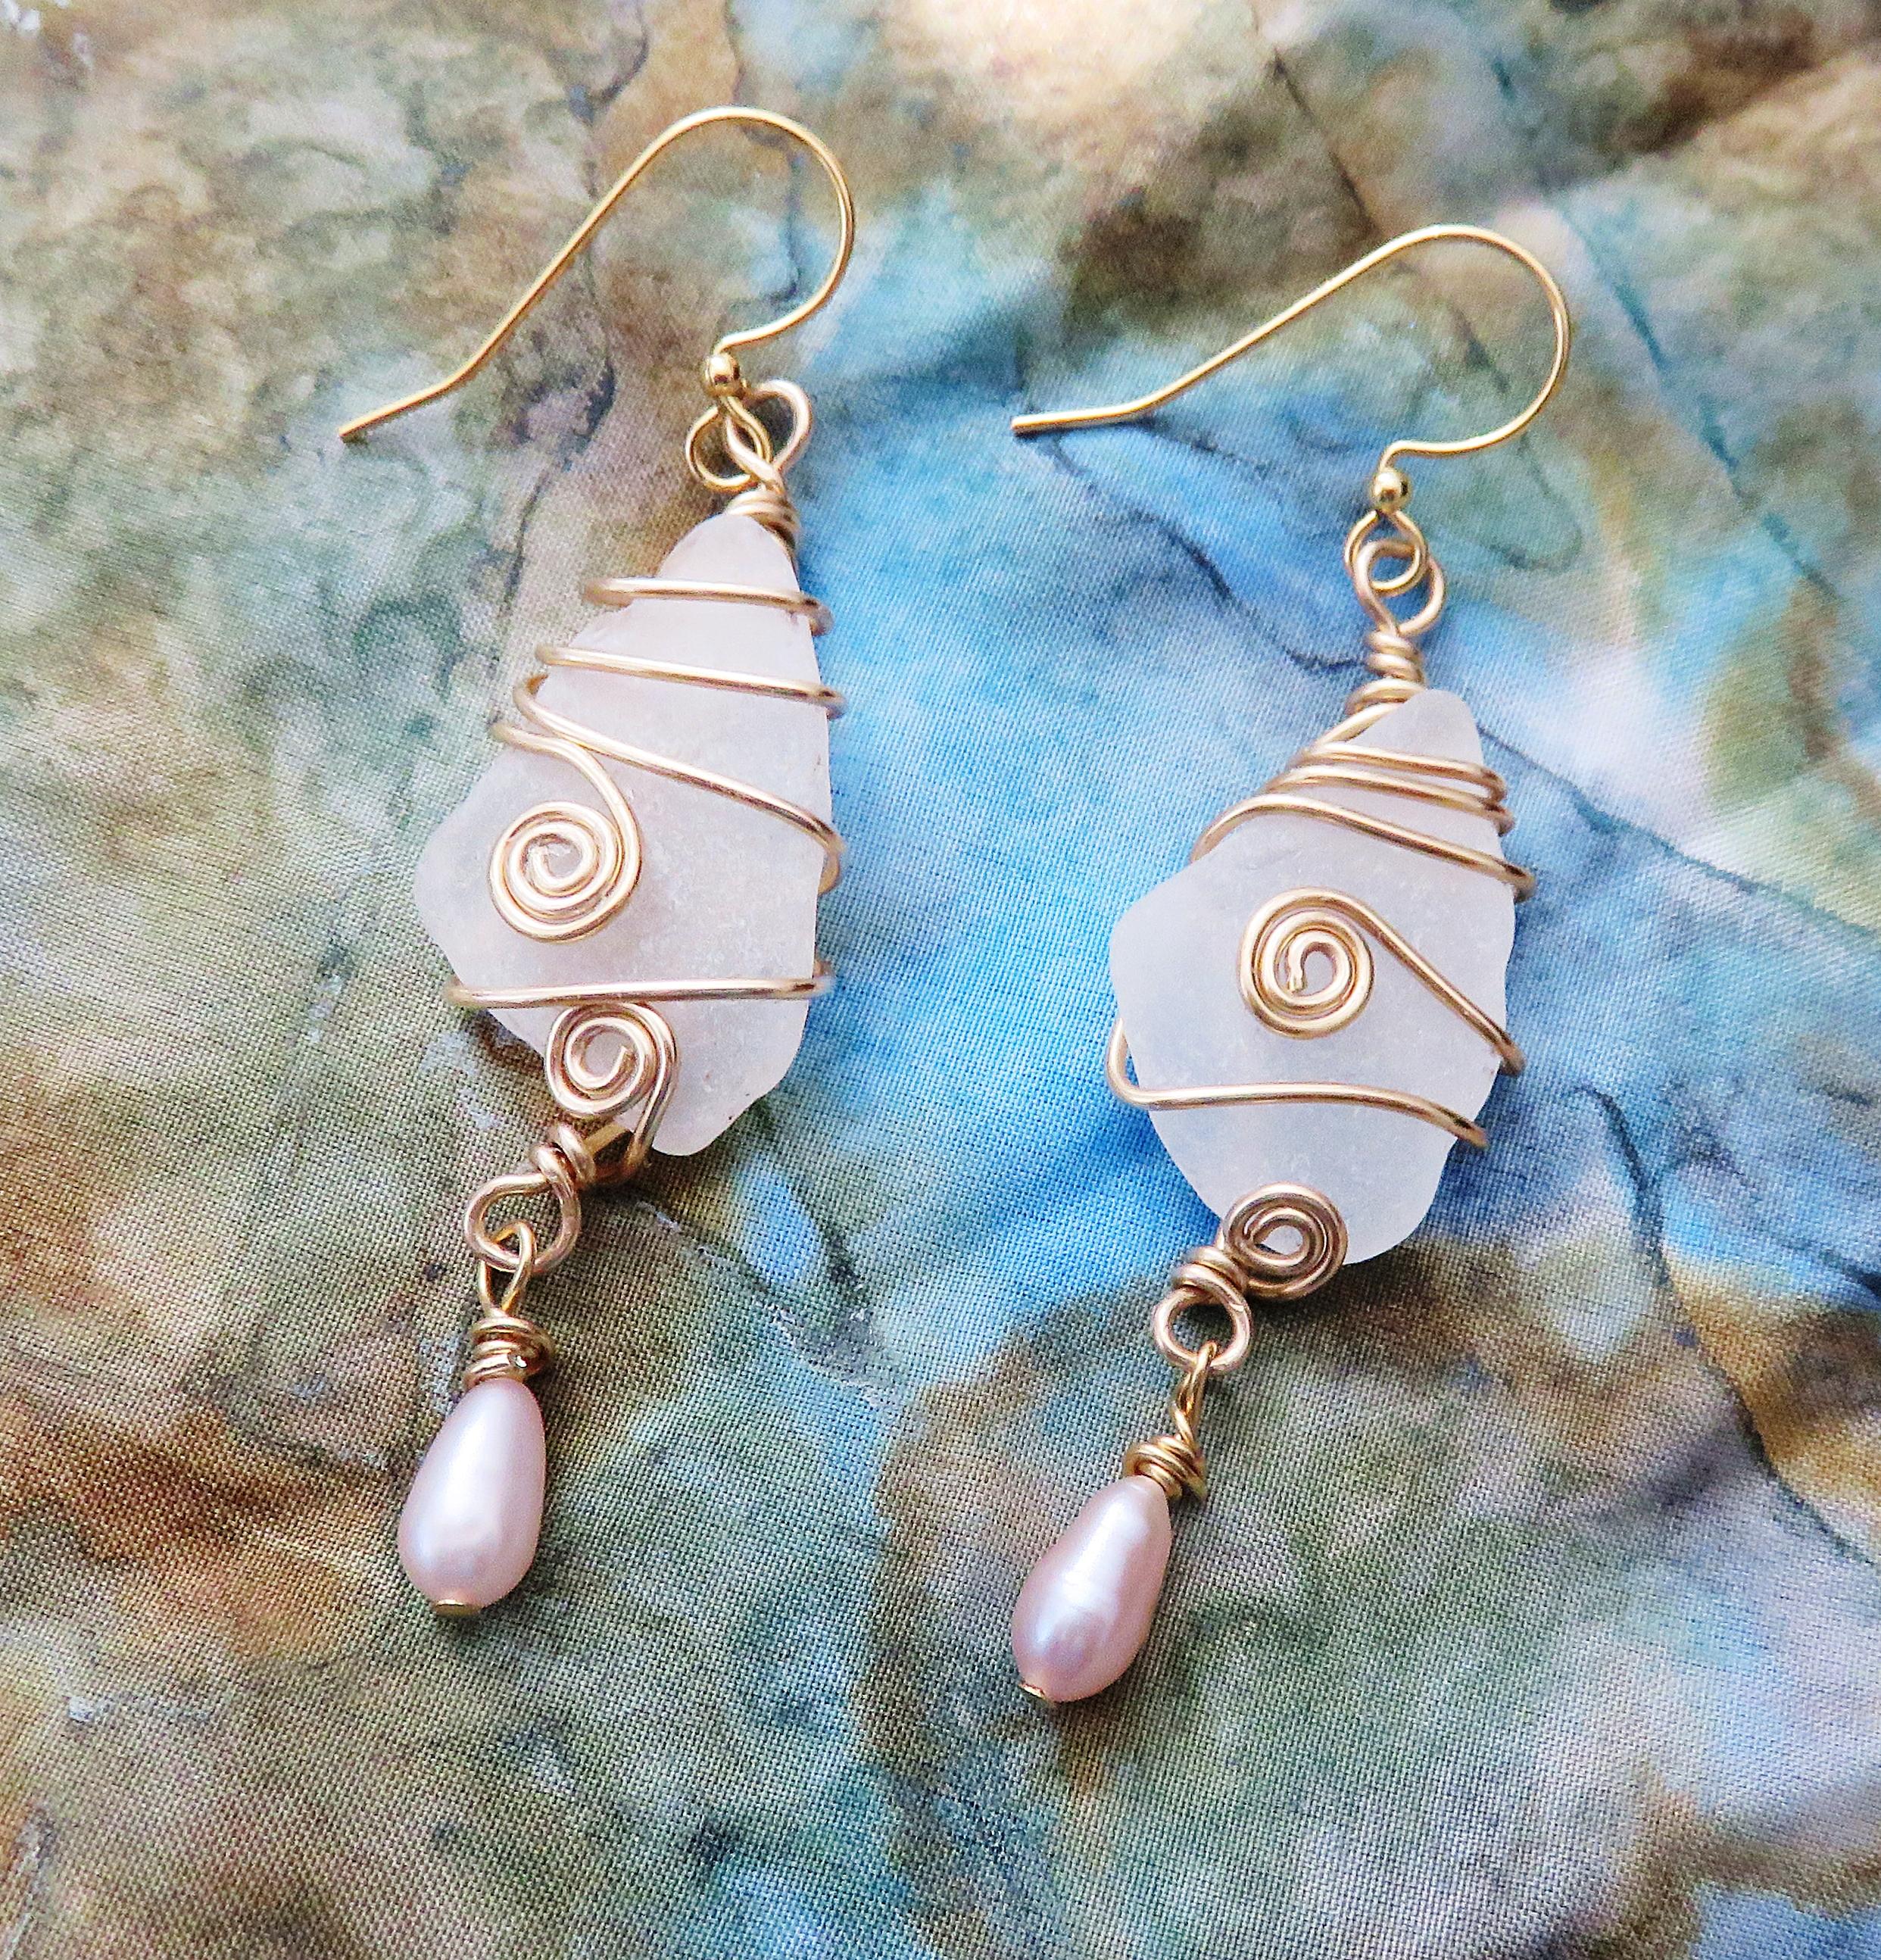 Spiral drop sea glass earrings